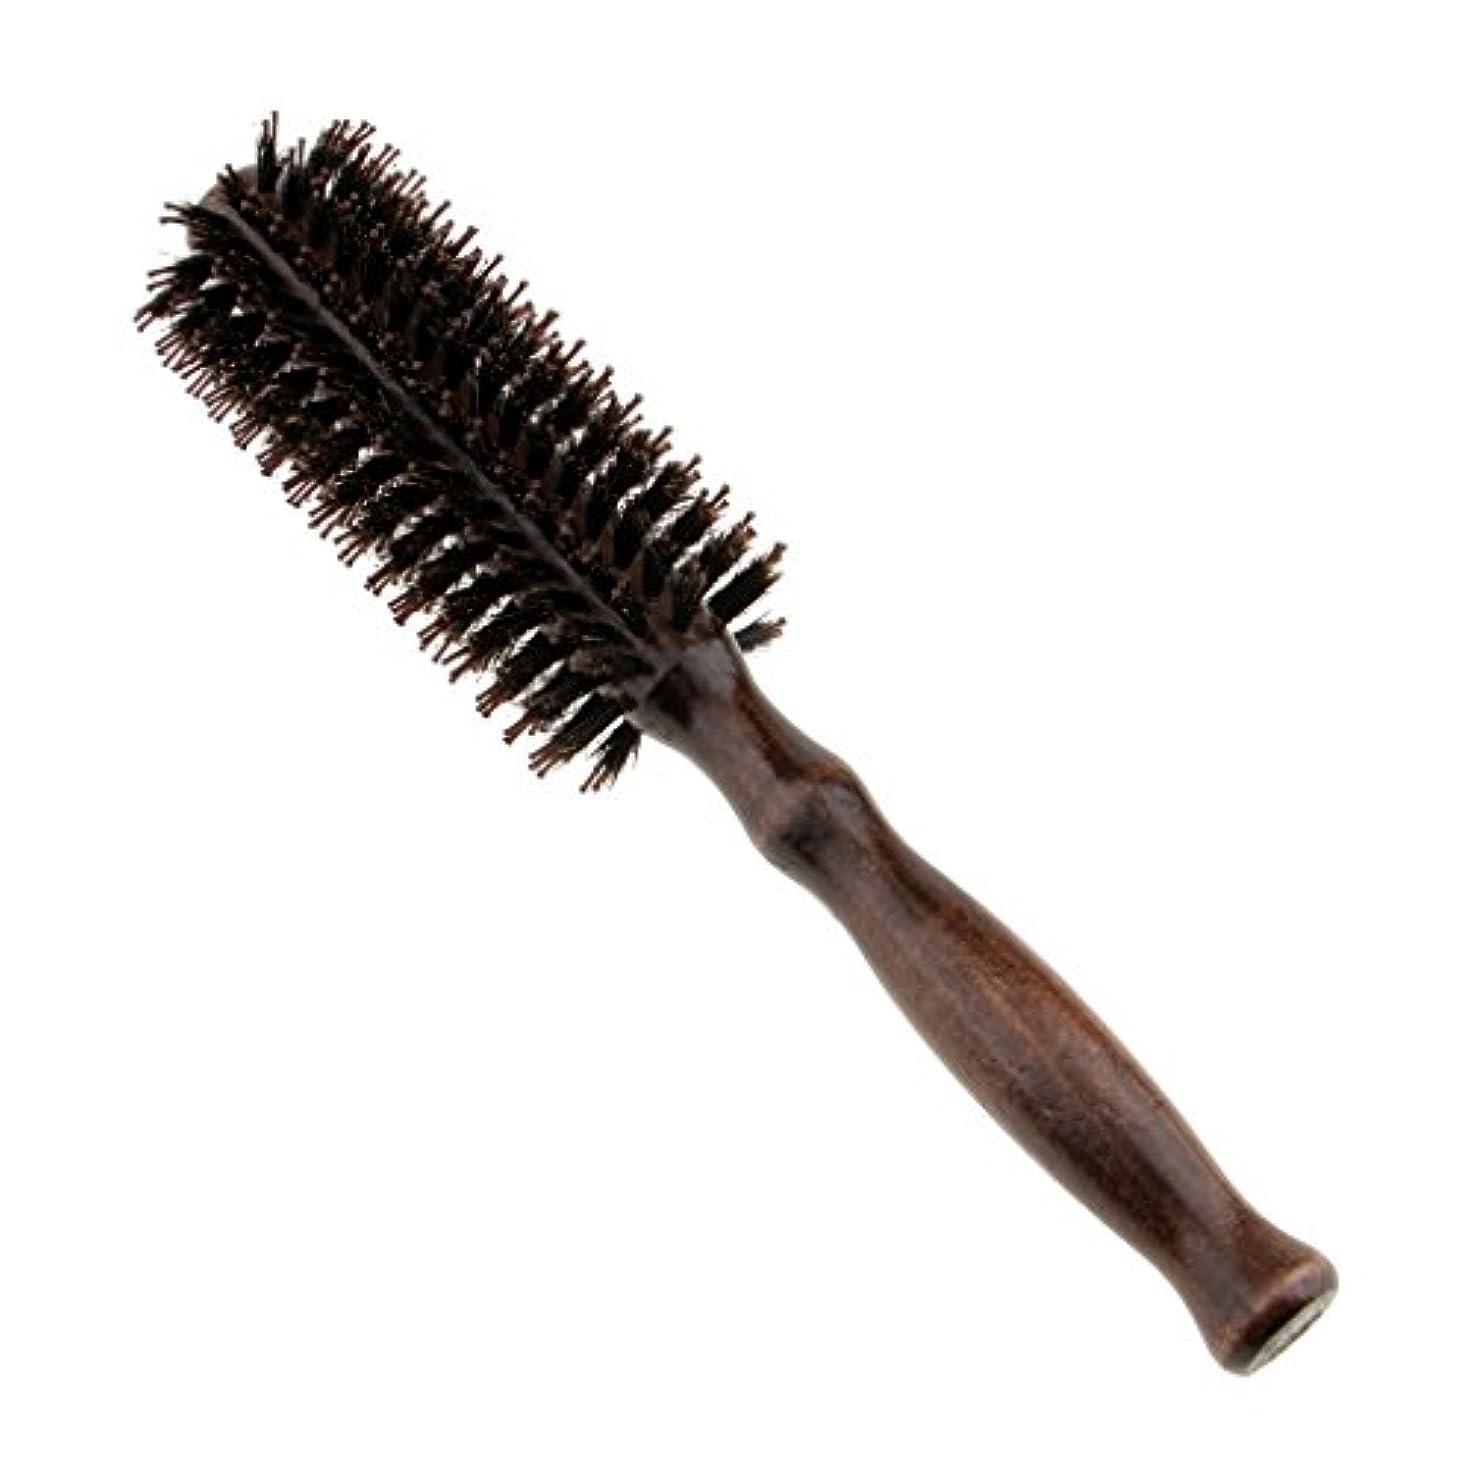 タオル苦味部分的にラウンドウッドのハンドルヘアブラシの理髪美容カールヘアブラシのブラシ - #1